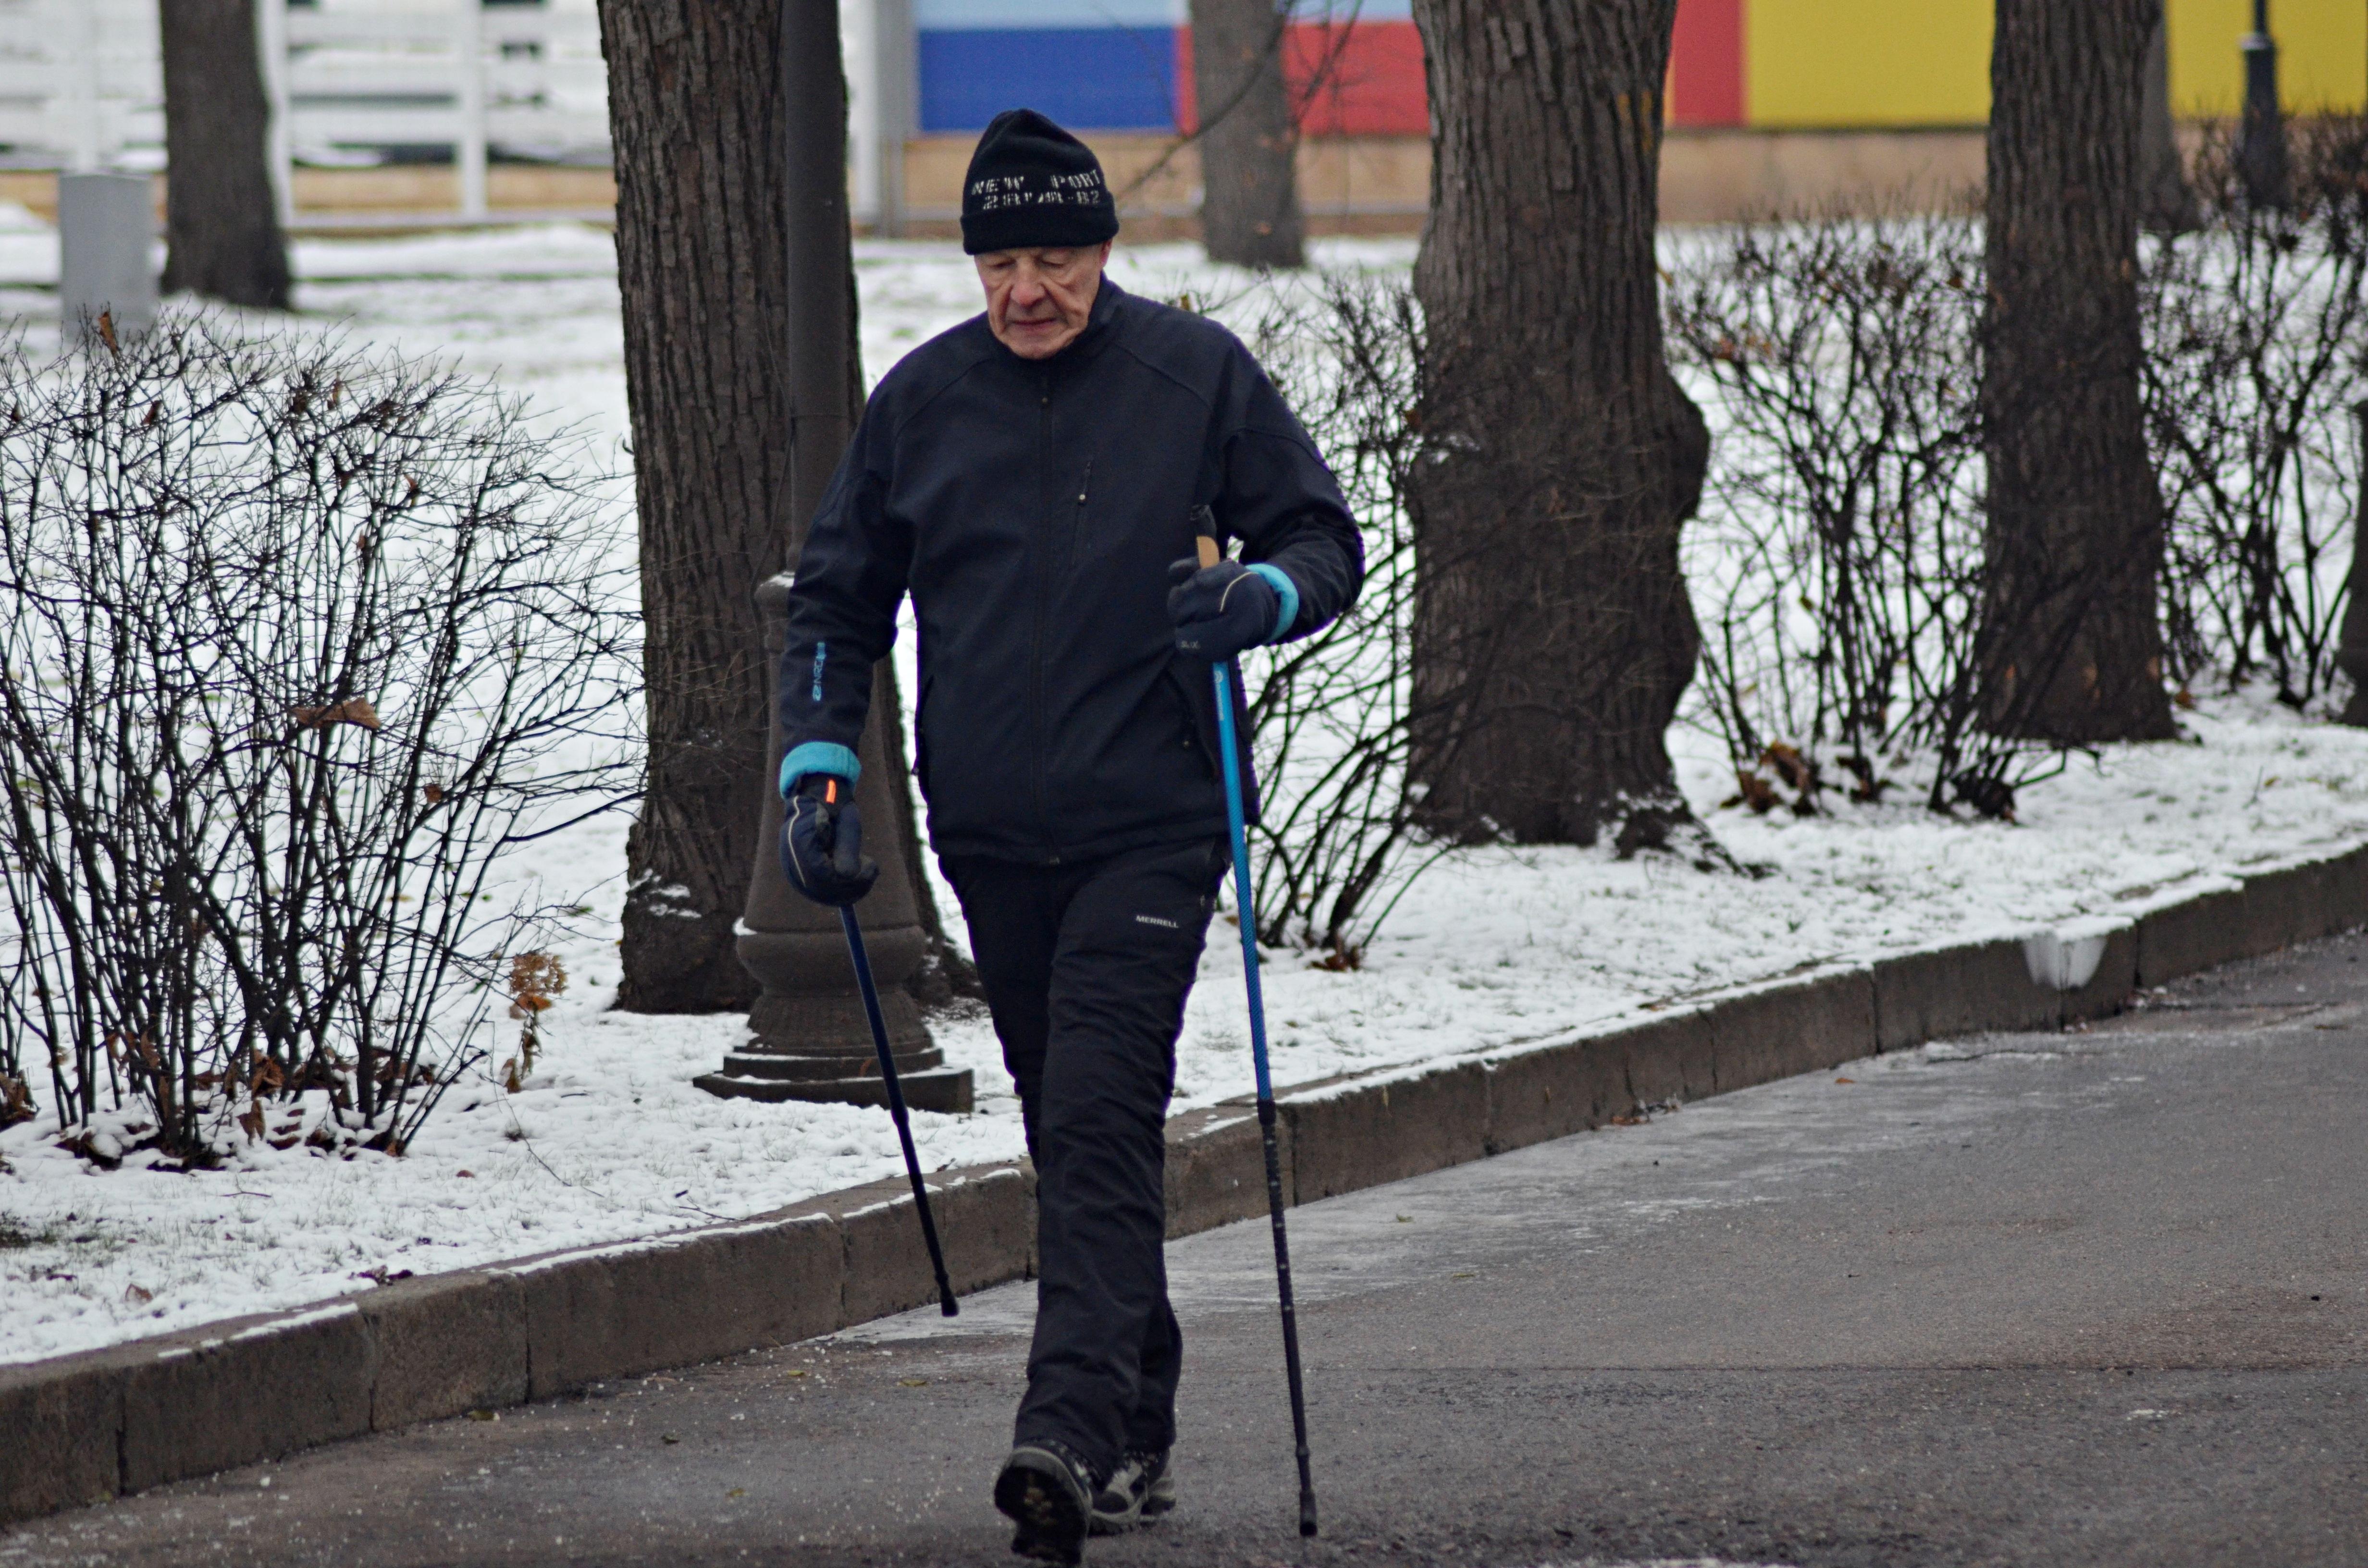 Уроки по занятию физкультурой на свежем воздухе подготовили в Сосенском центре спорта